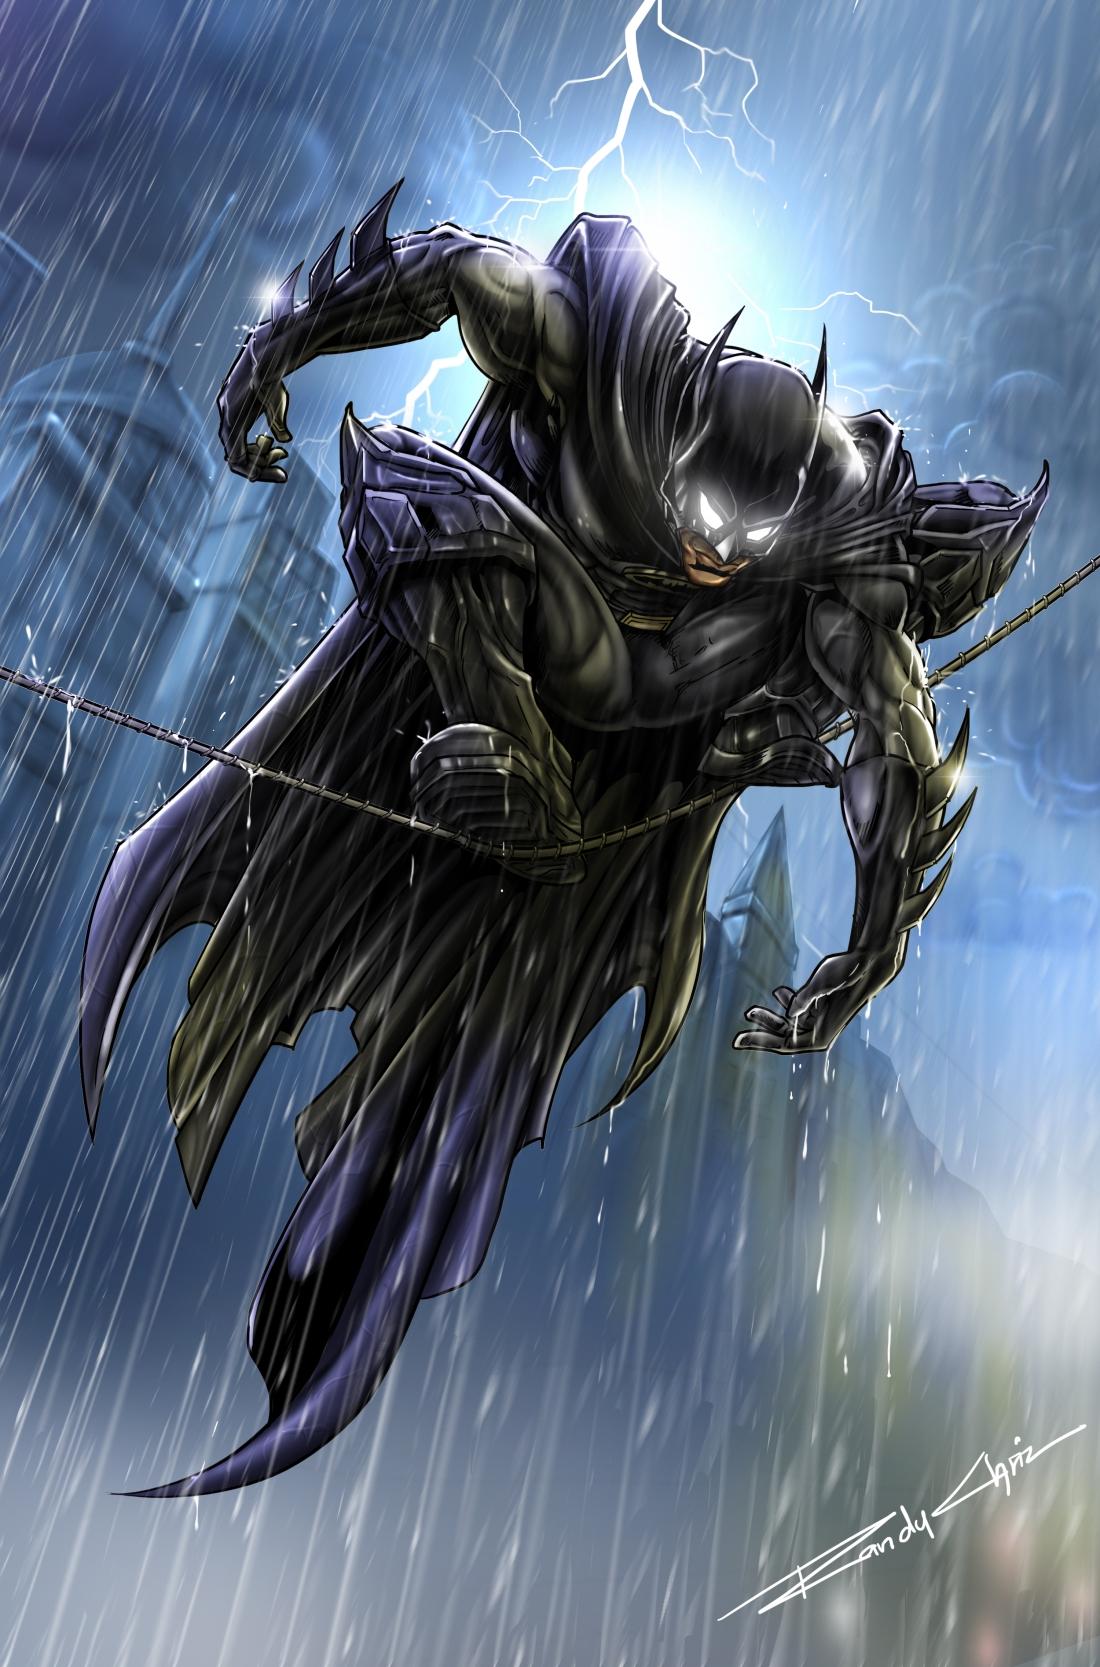 Bat man on rope Clean